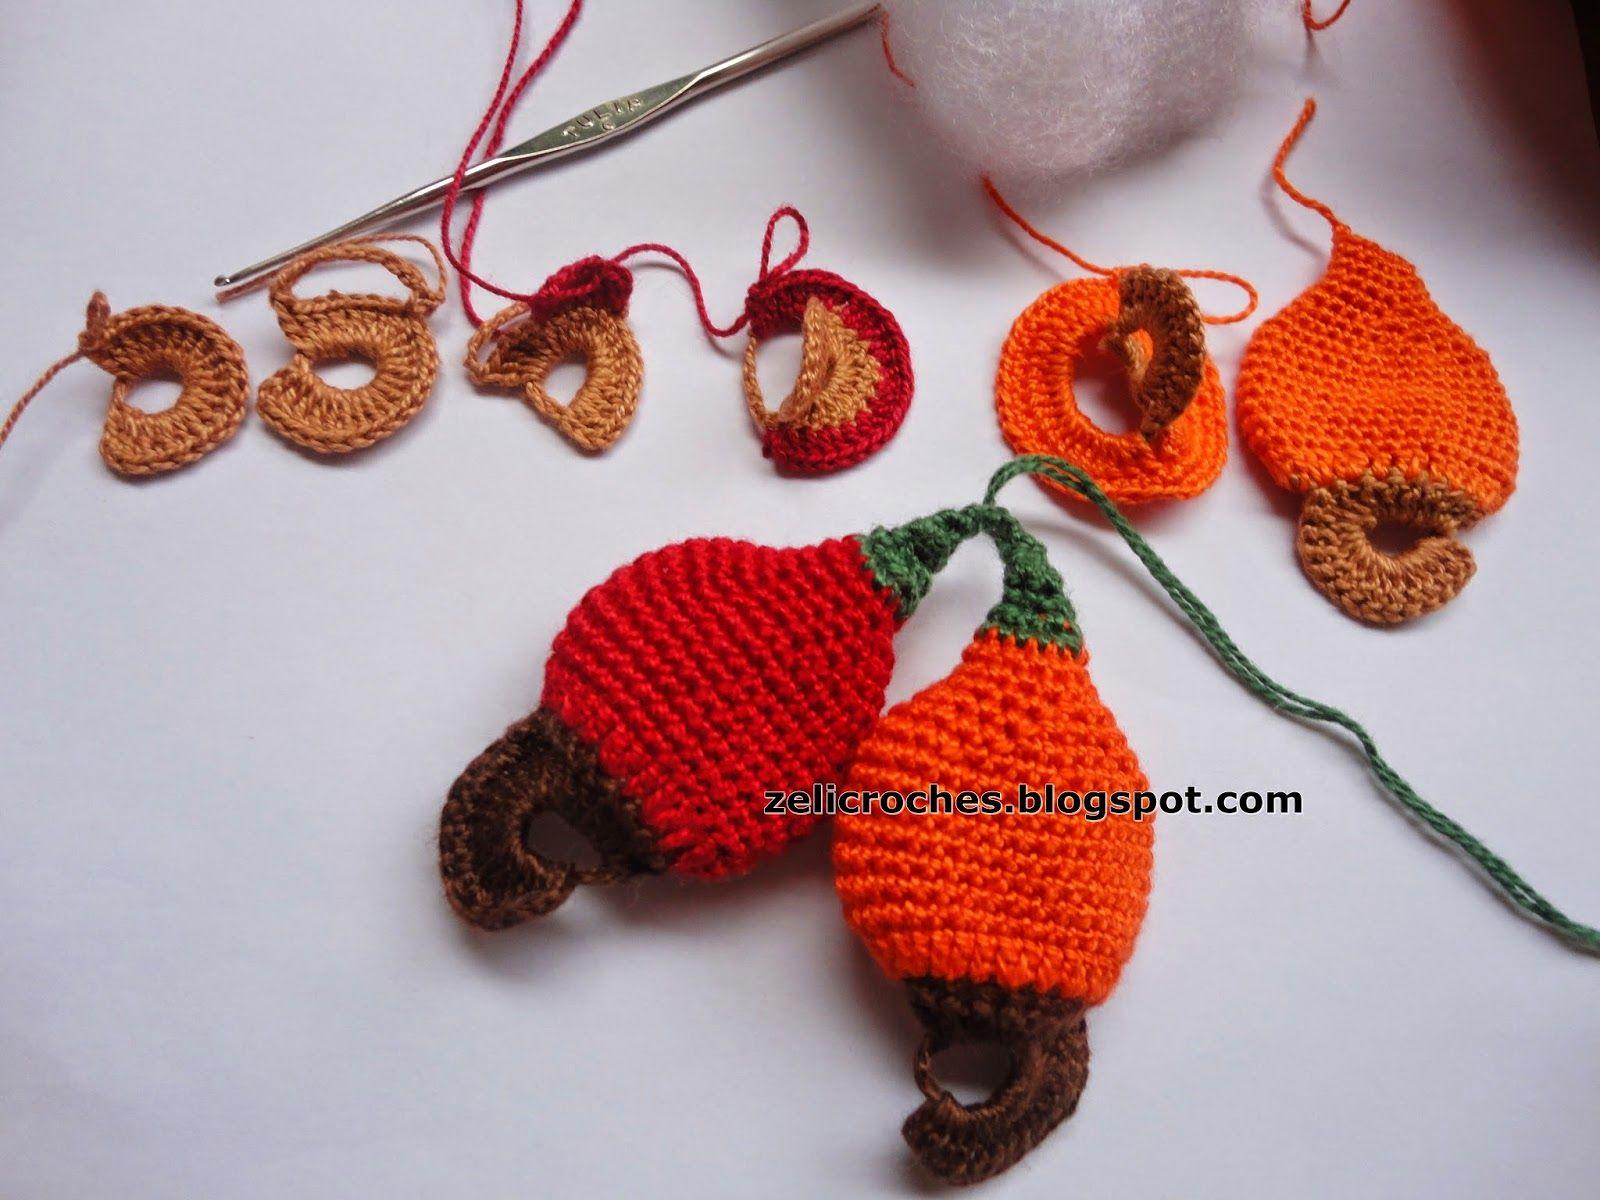 zelicroches: Receita para fazer caju em crochê   May secrets   Pinterest